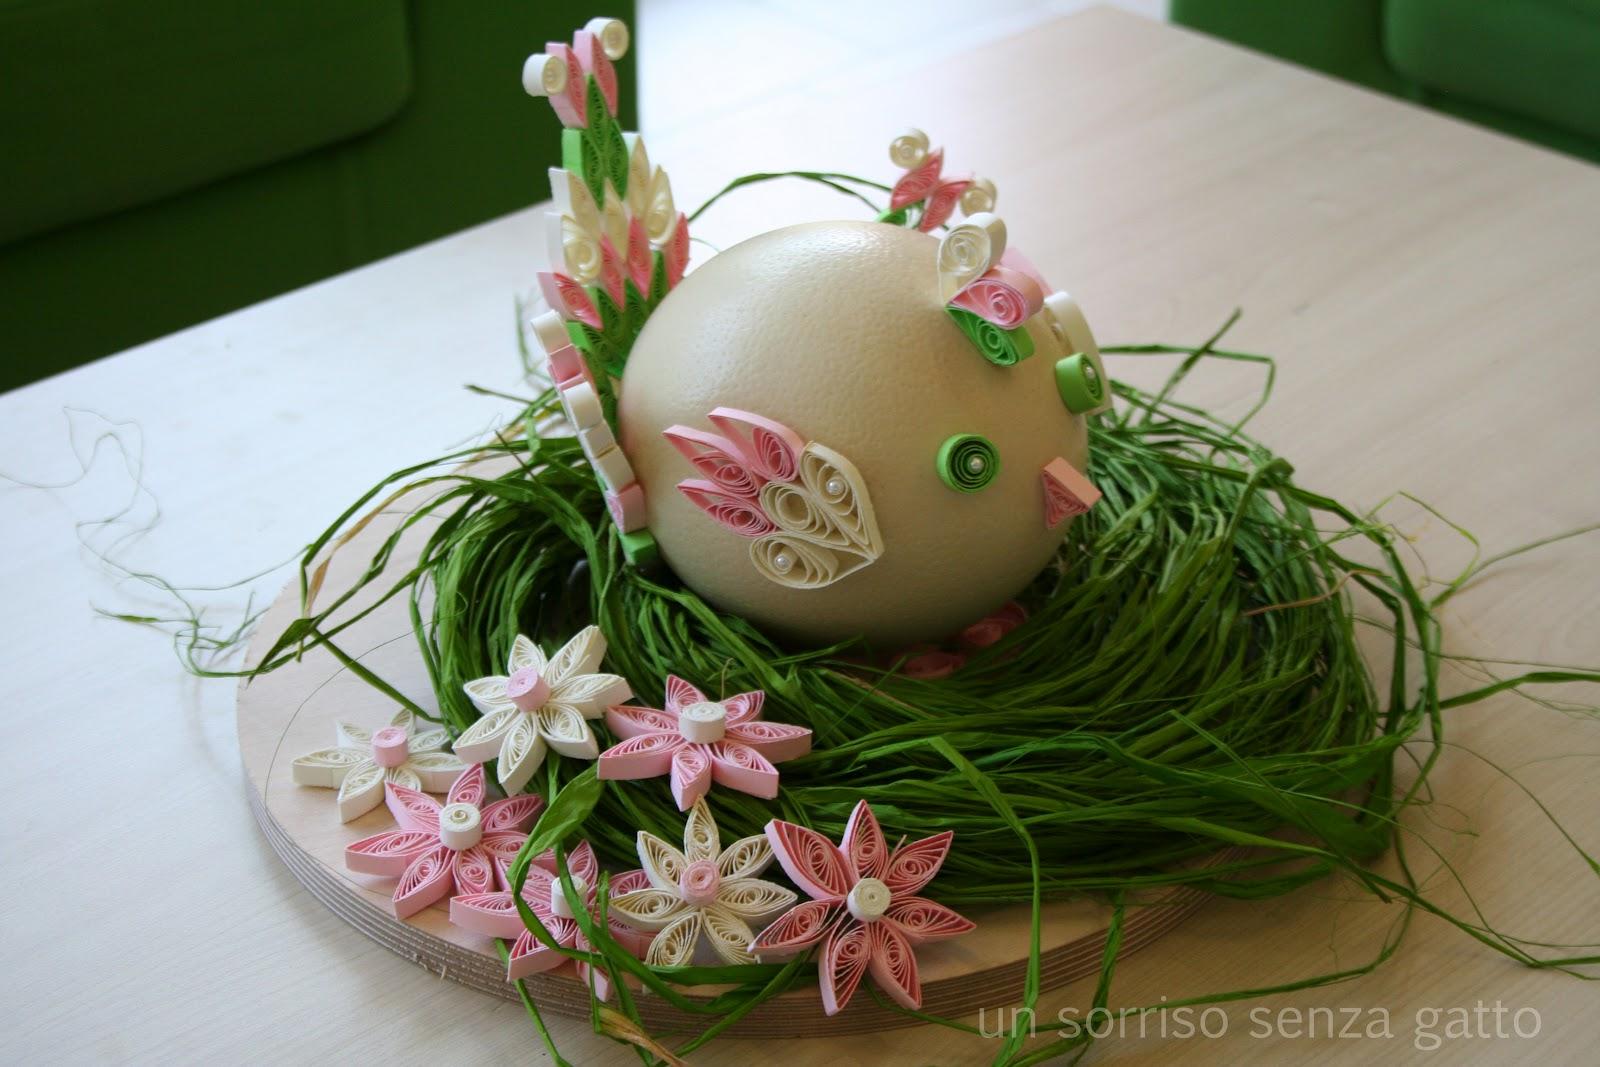 Un sorriso senza gatto decorazioni pasqua e primavera - Decorazioni per pasqua ...